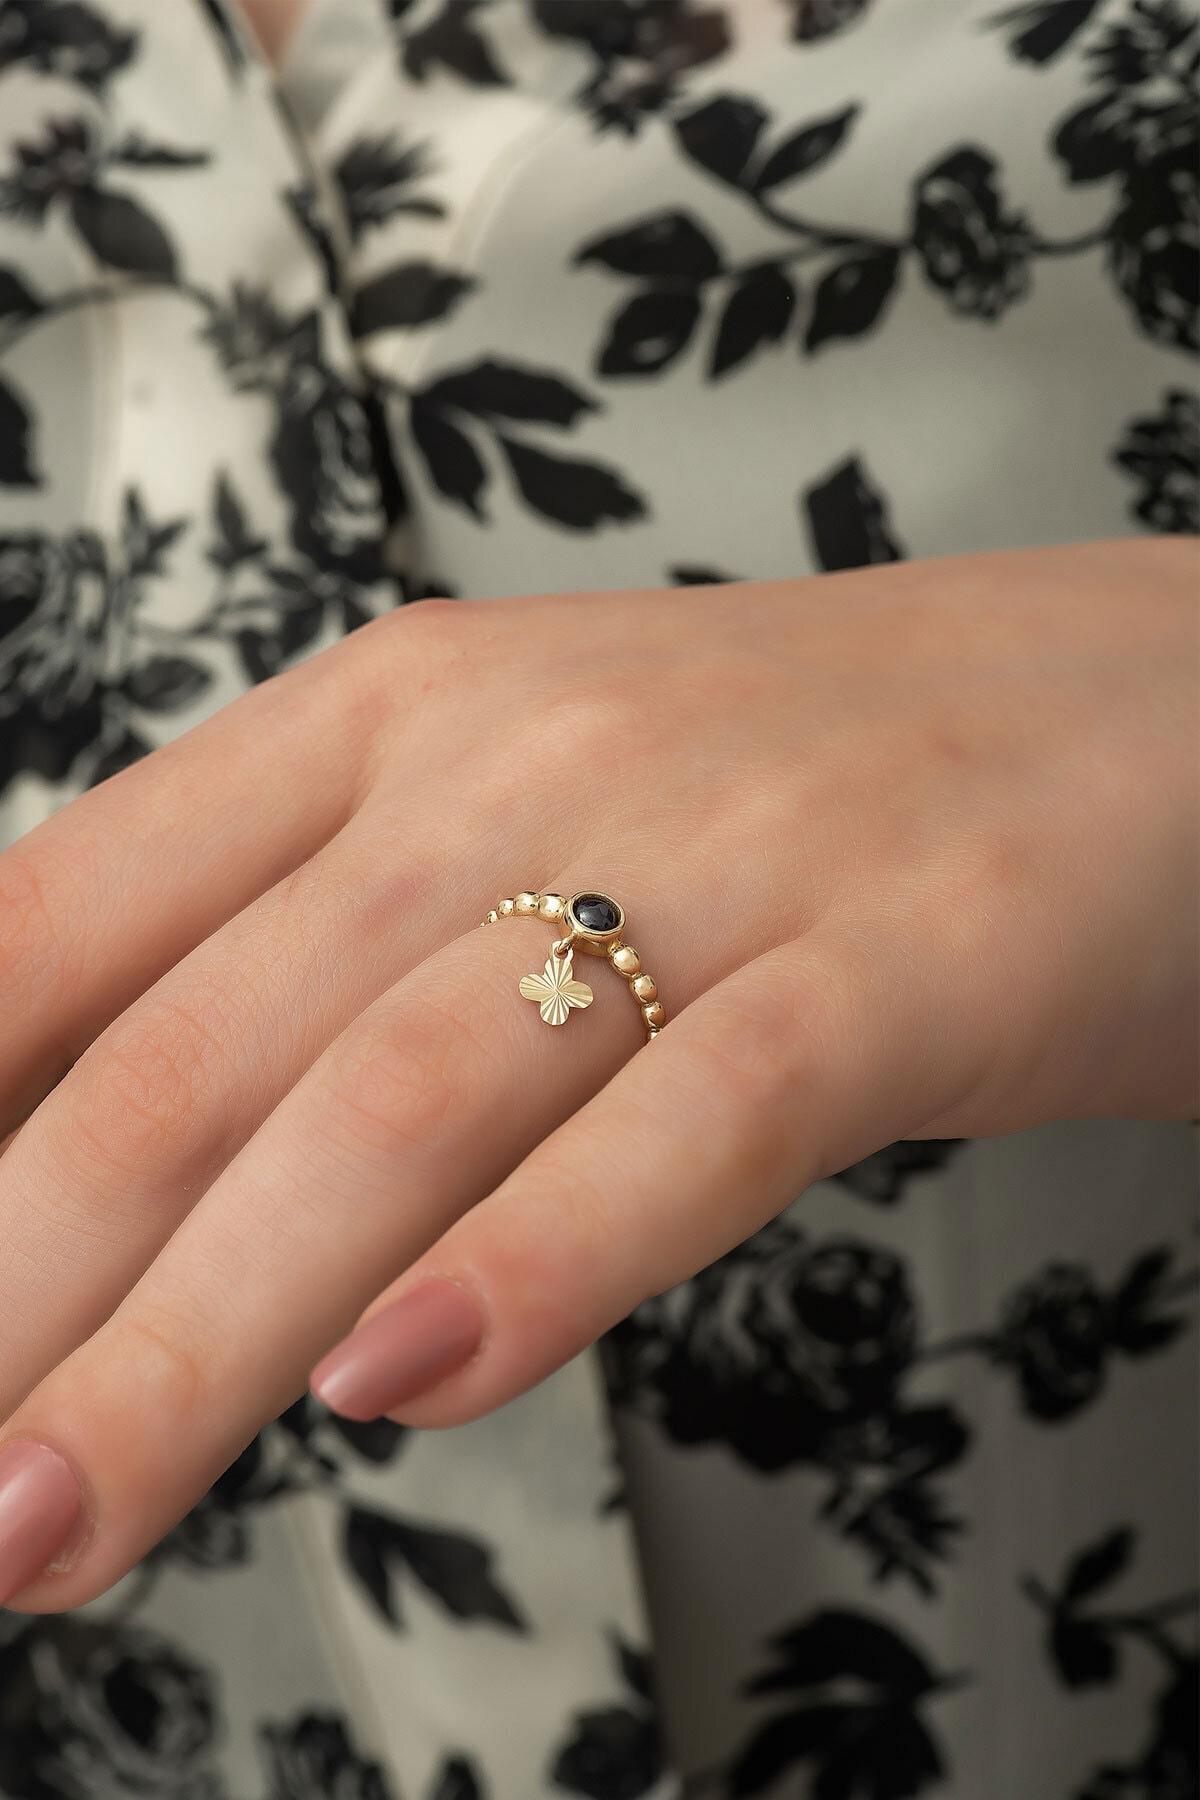 Papatya Silver 925 Ayar Gümüş Rose Altın Kaplama Ay Taşlı Yonca Motifli Kadın Yüzüğü 2